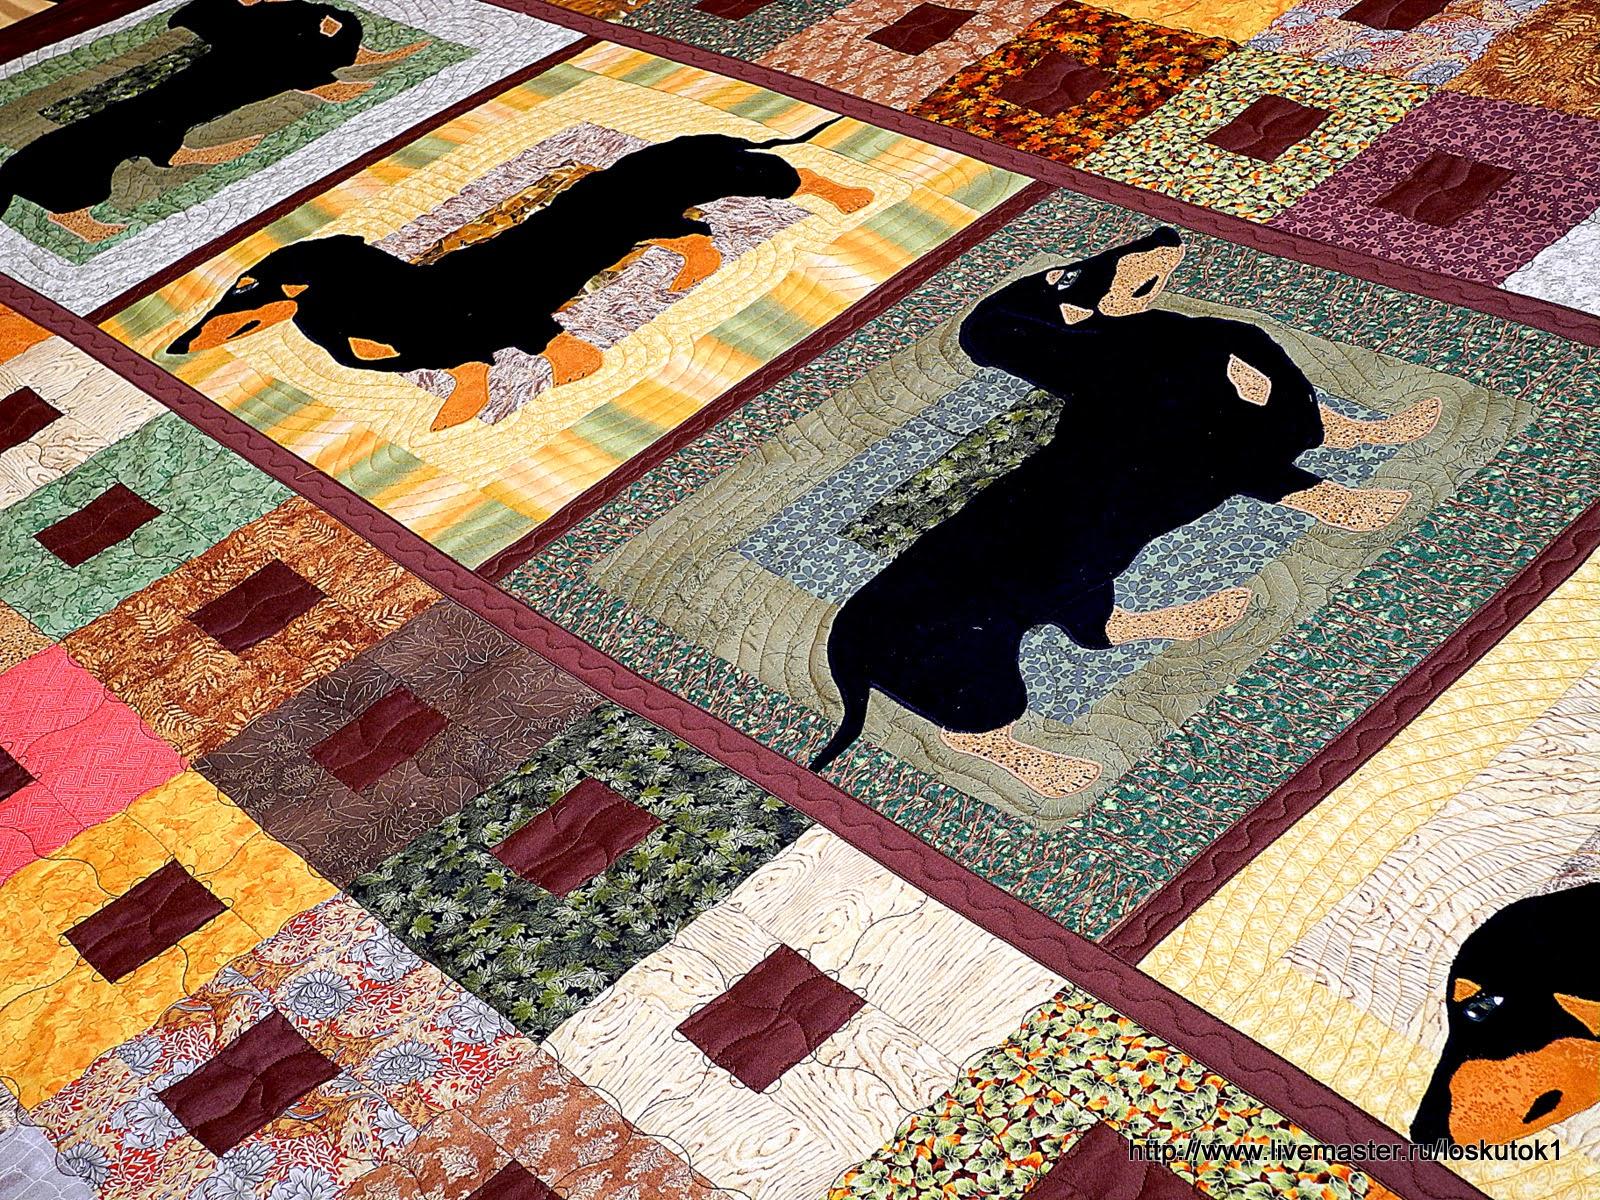 Пэчворк плед Лоскутное одеяло Дача Дачный   Пэчворк одеяло Лоскутное покрывало Лоскутный пэчворк Техника пэчворк Шитье пэчворк Рукоделие пэчворк Лоскутное шитье пэчворк Мастера пэчворка Квилтинг